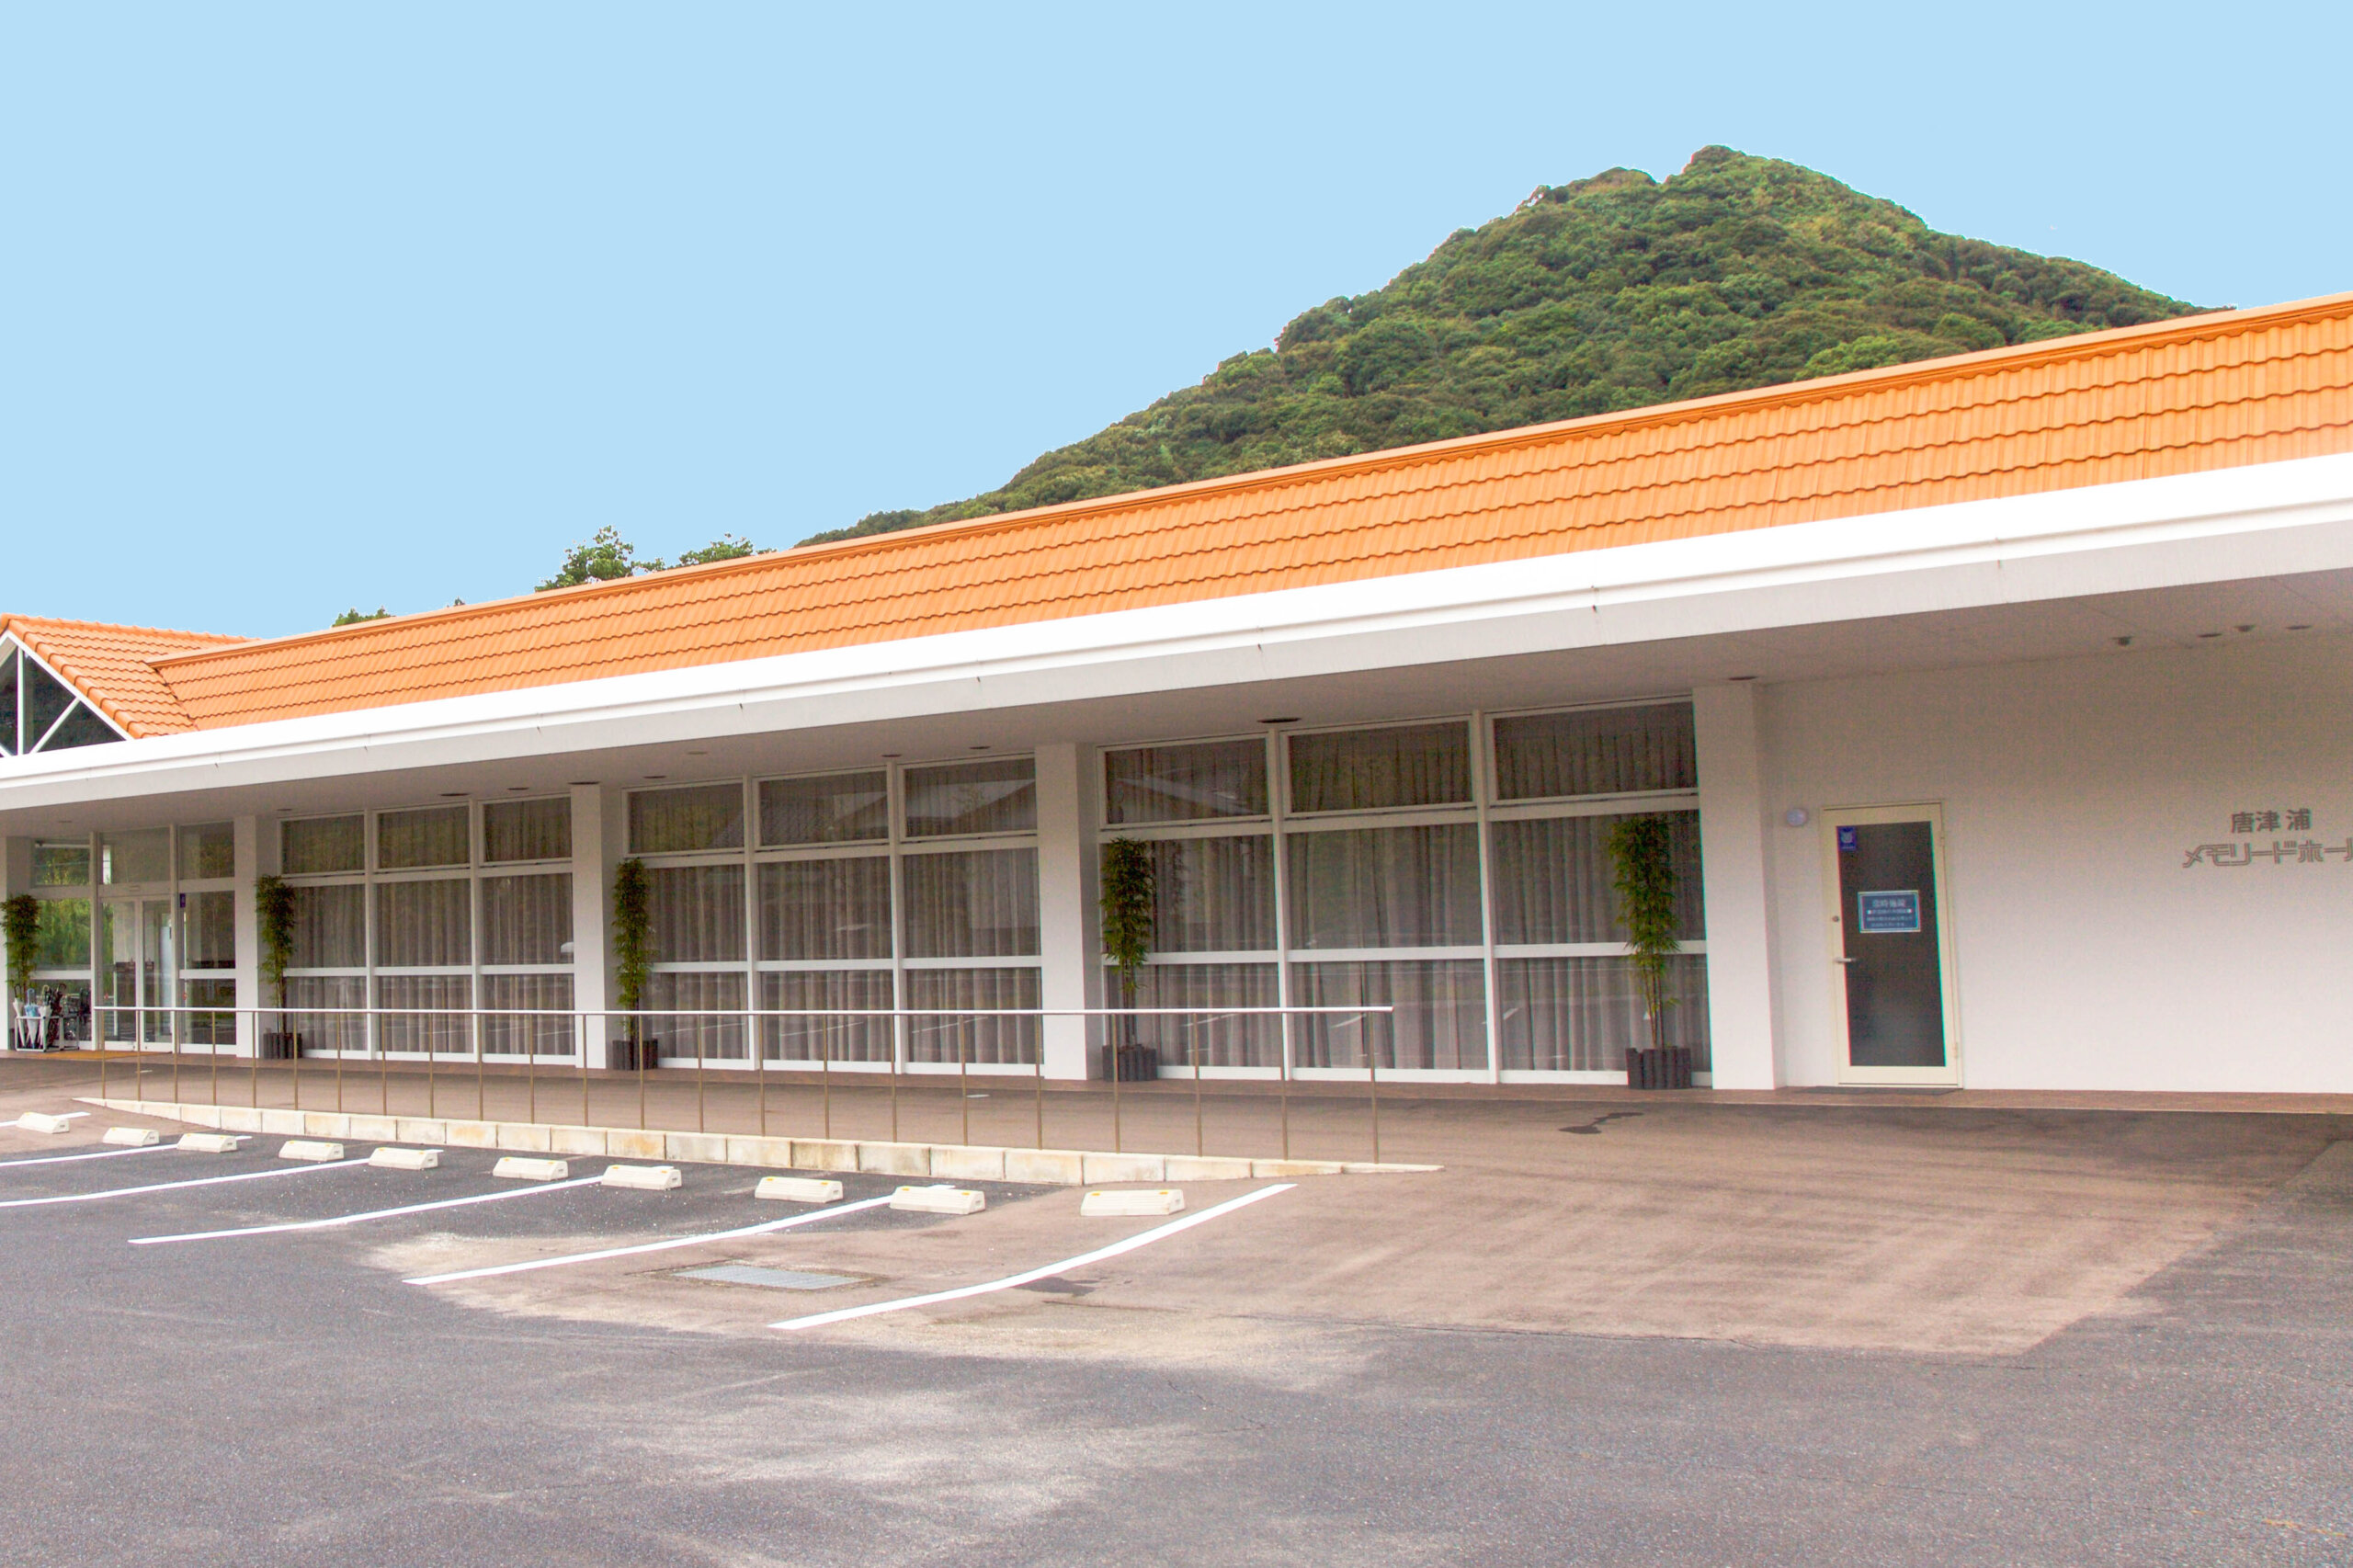 唐津市浦にある民営斎場「唐津浦メモリードホール」の外観です